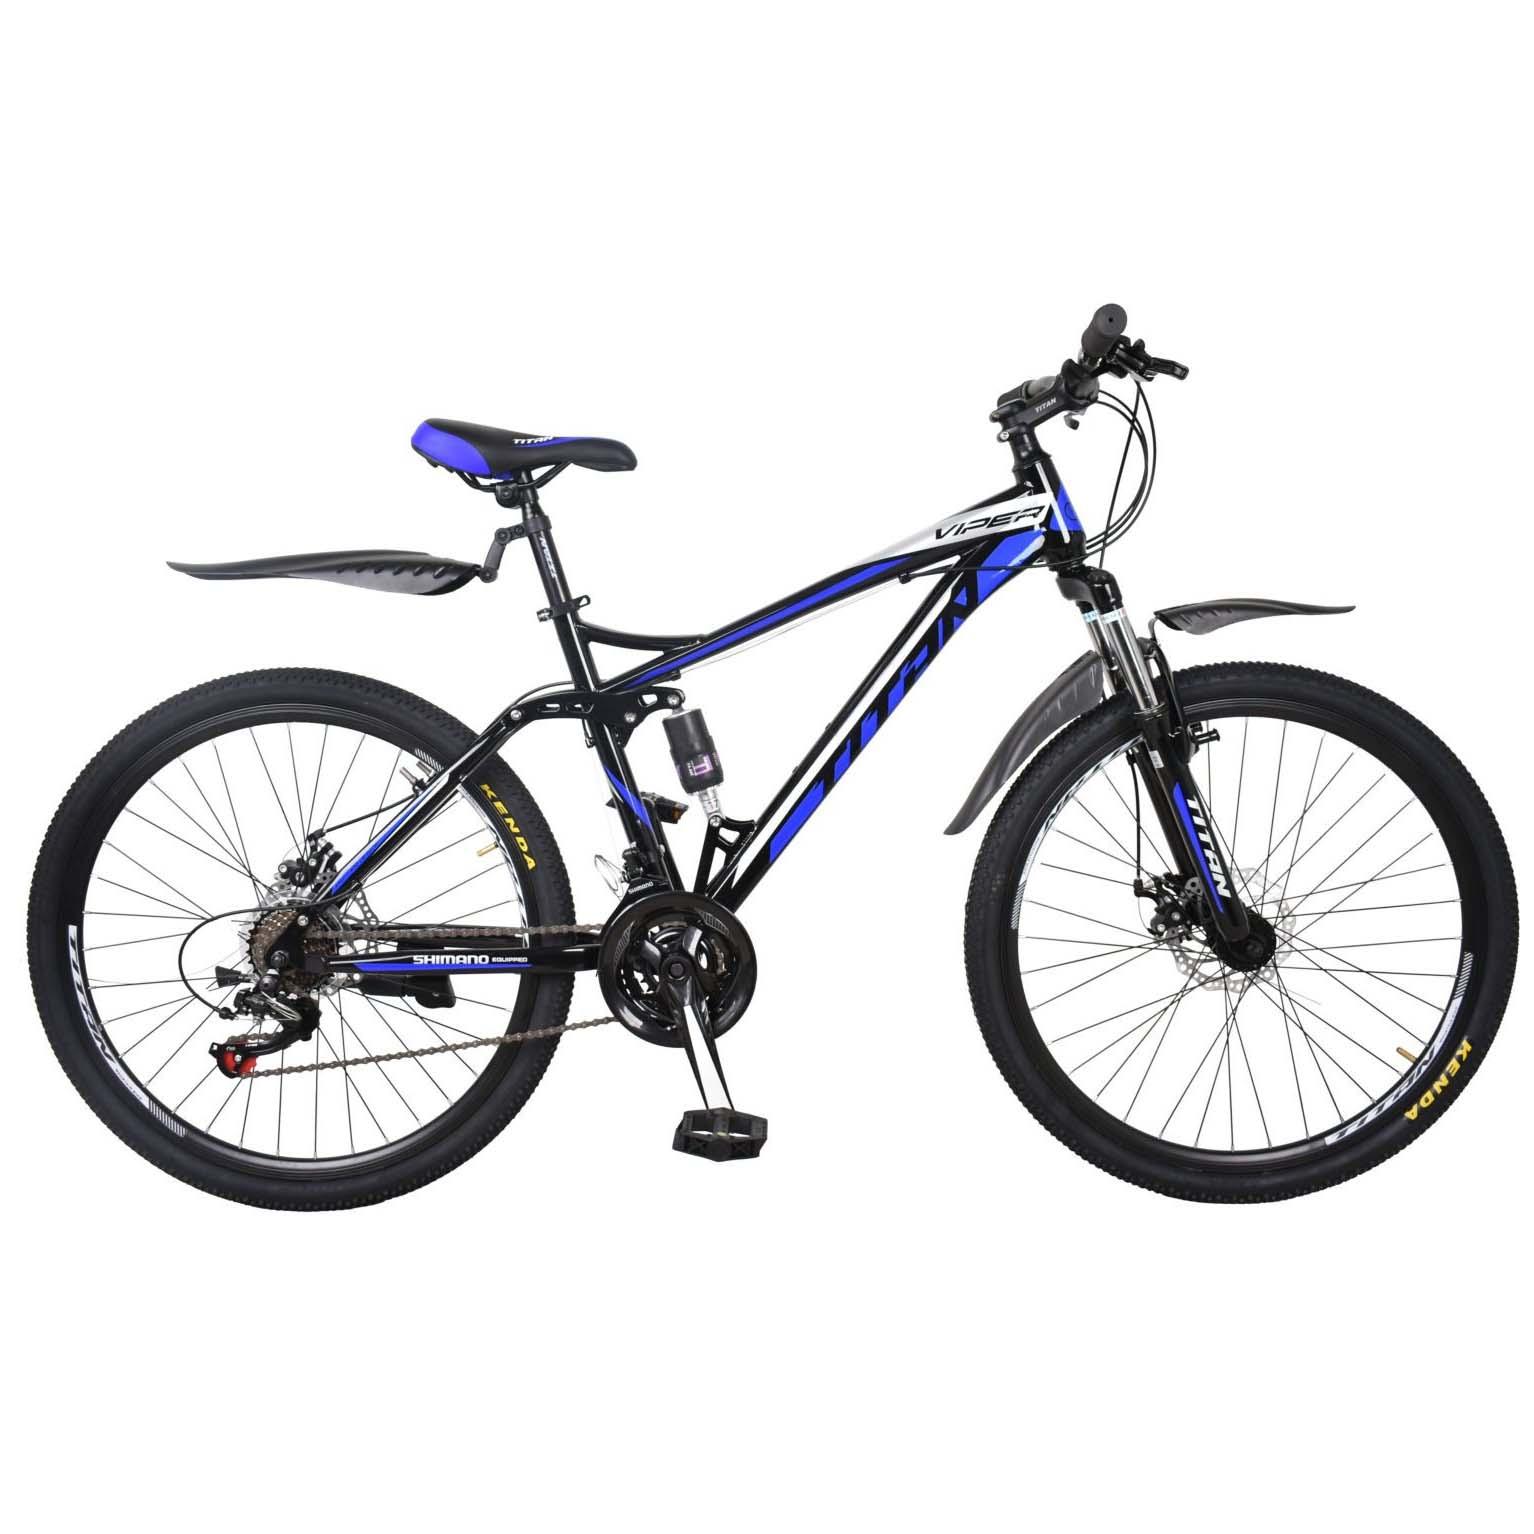 Фото Горный Велосипед 26 Titan Viper черно-сине-белый 2019